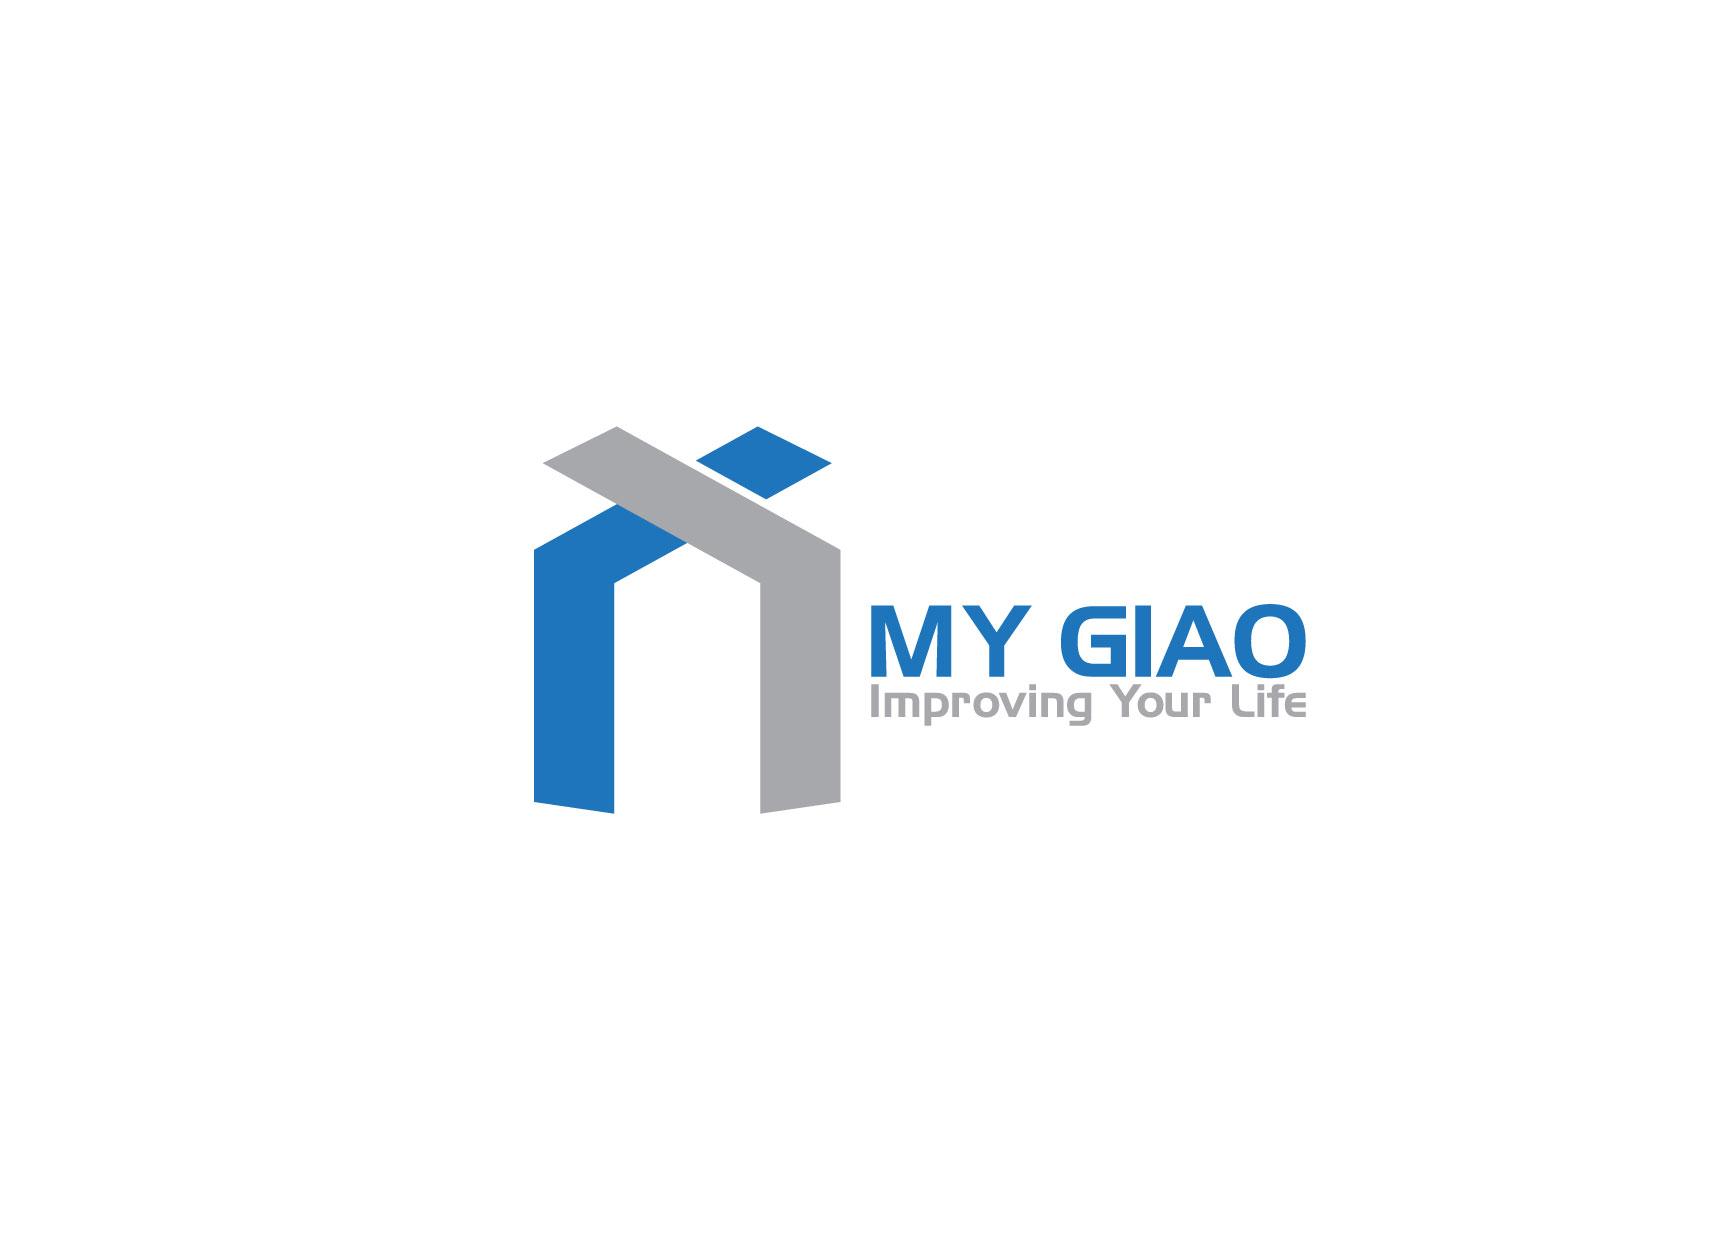 Thiết kế logo cho nhãn hiệu phân phối thiết bị y tế Mỹ Giao tại TP HCM